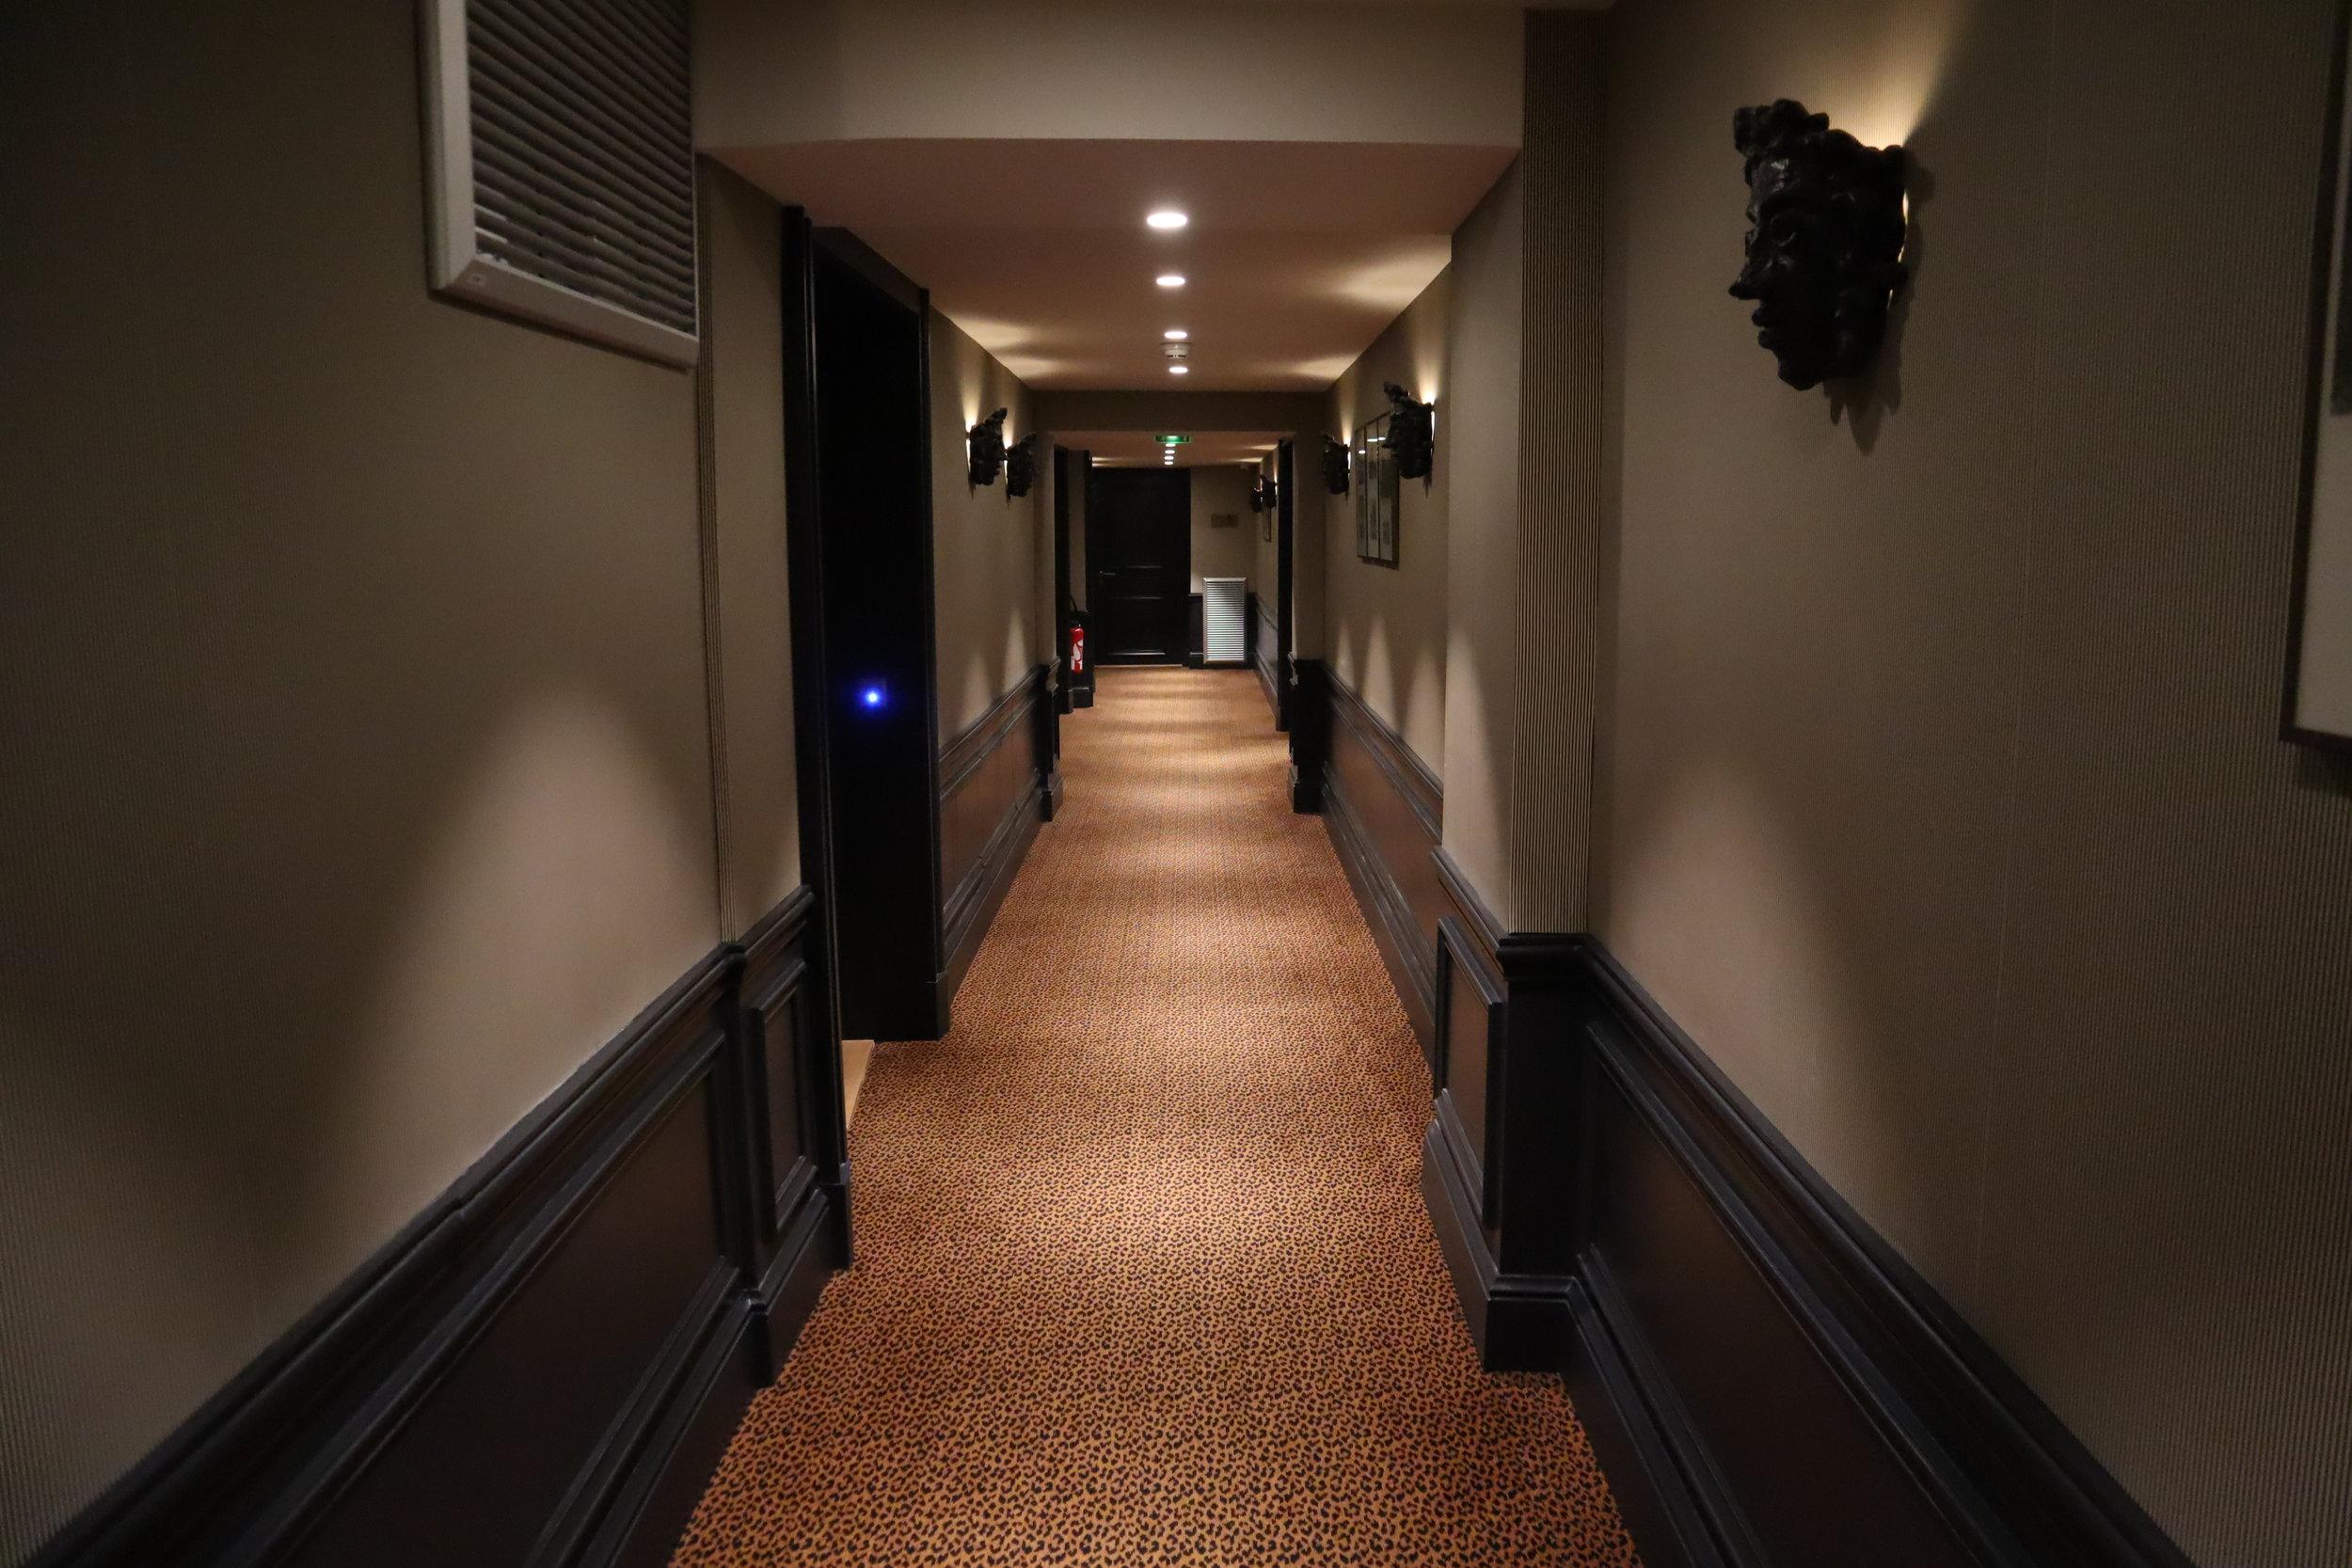 Hôtel de Berri Paris – Ground-floor hallway